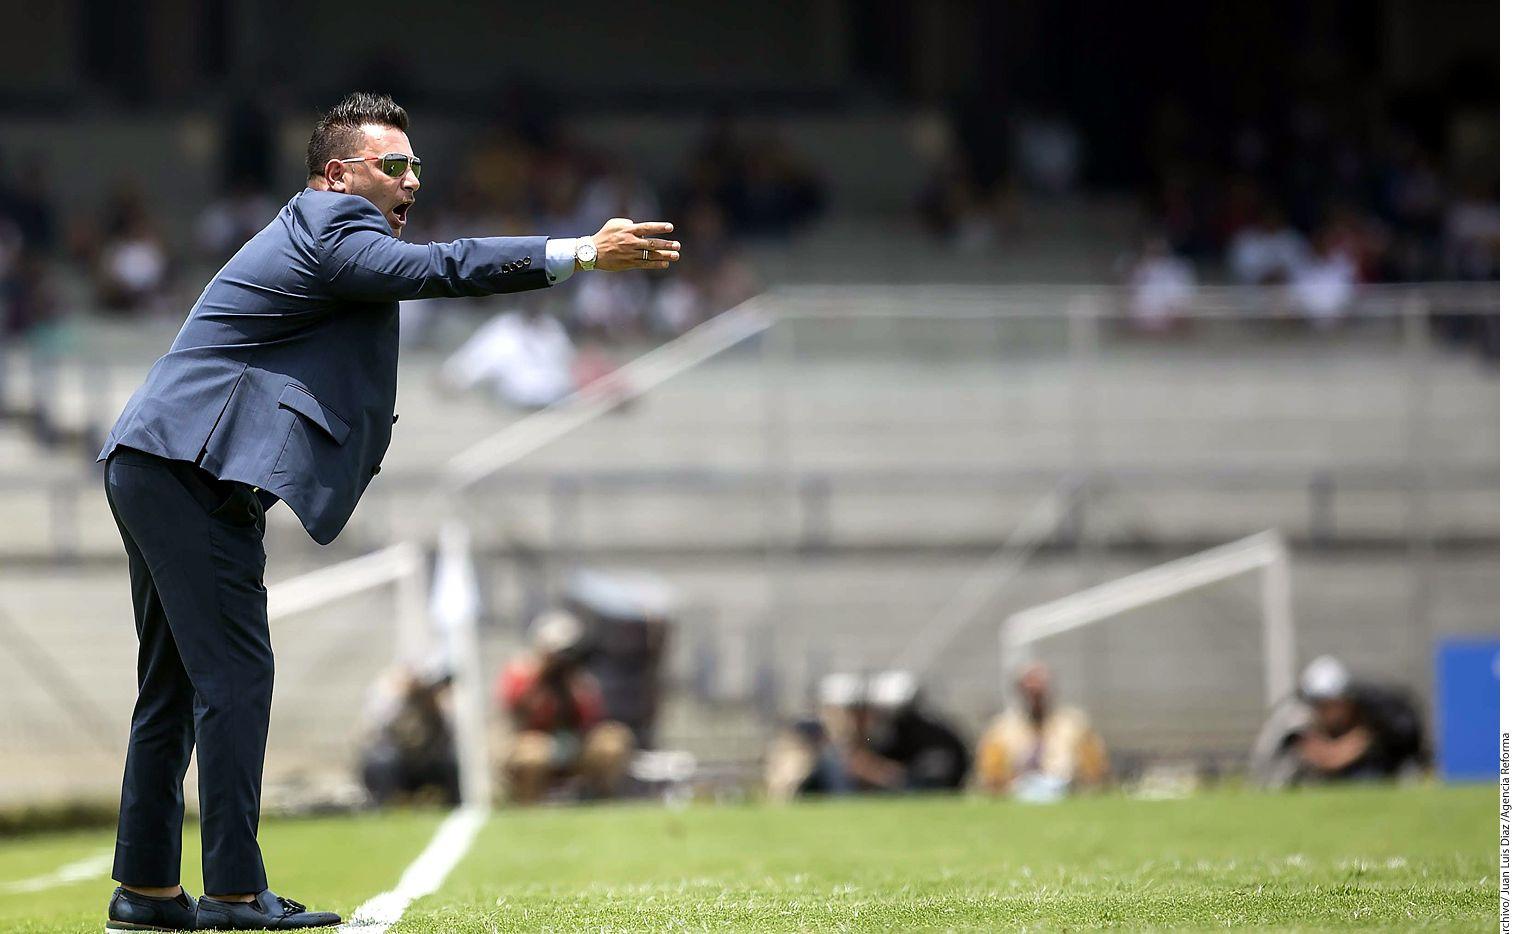 Antonio hamed descartó actuar legalmente en contra del jugador Walter Gargano./ AGENCIA REFORMA